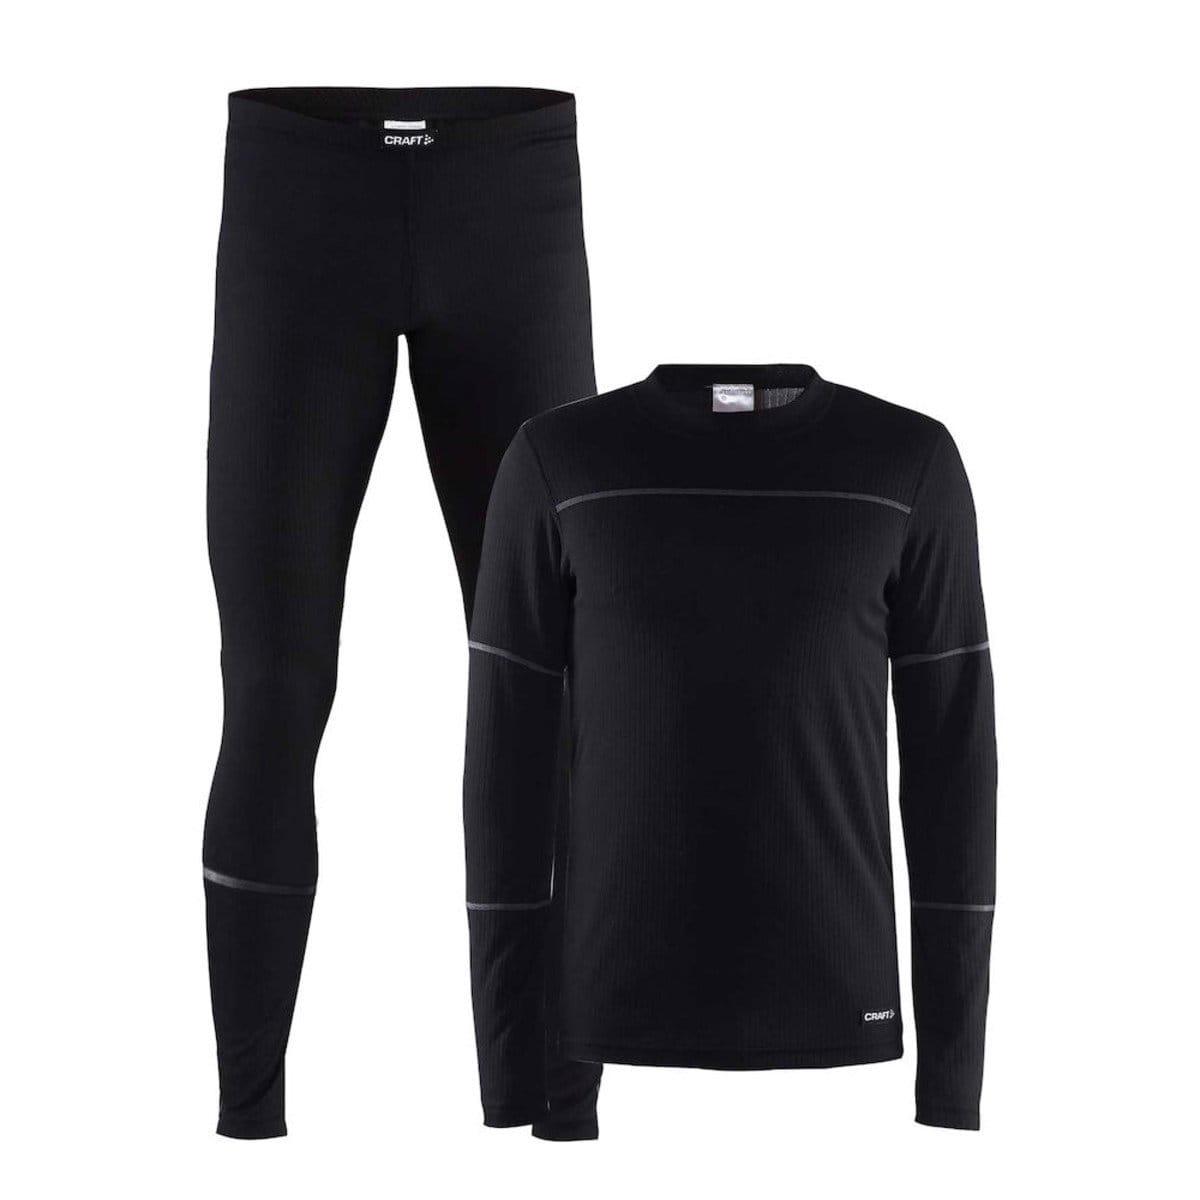 Spodní prádlo Craft Set Baselayer černá/šedá